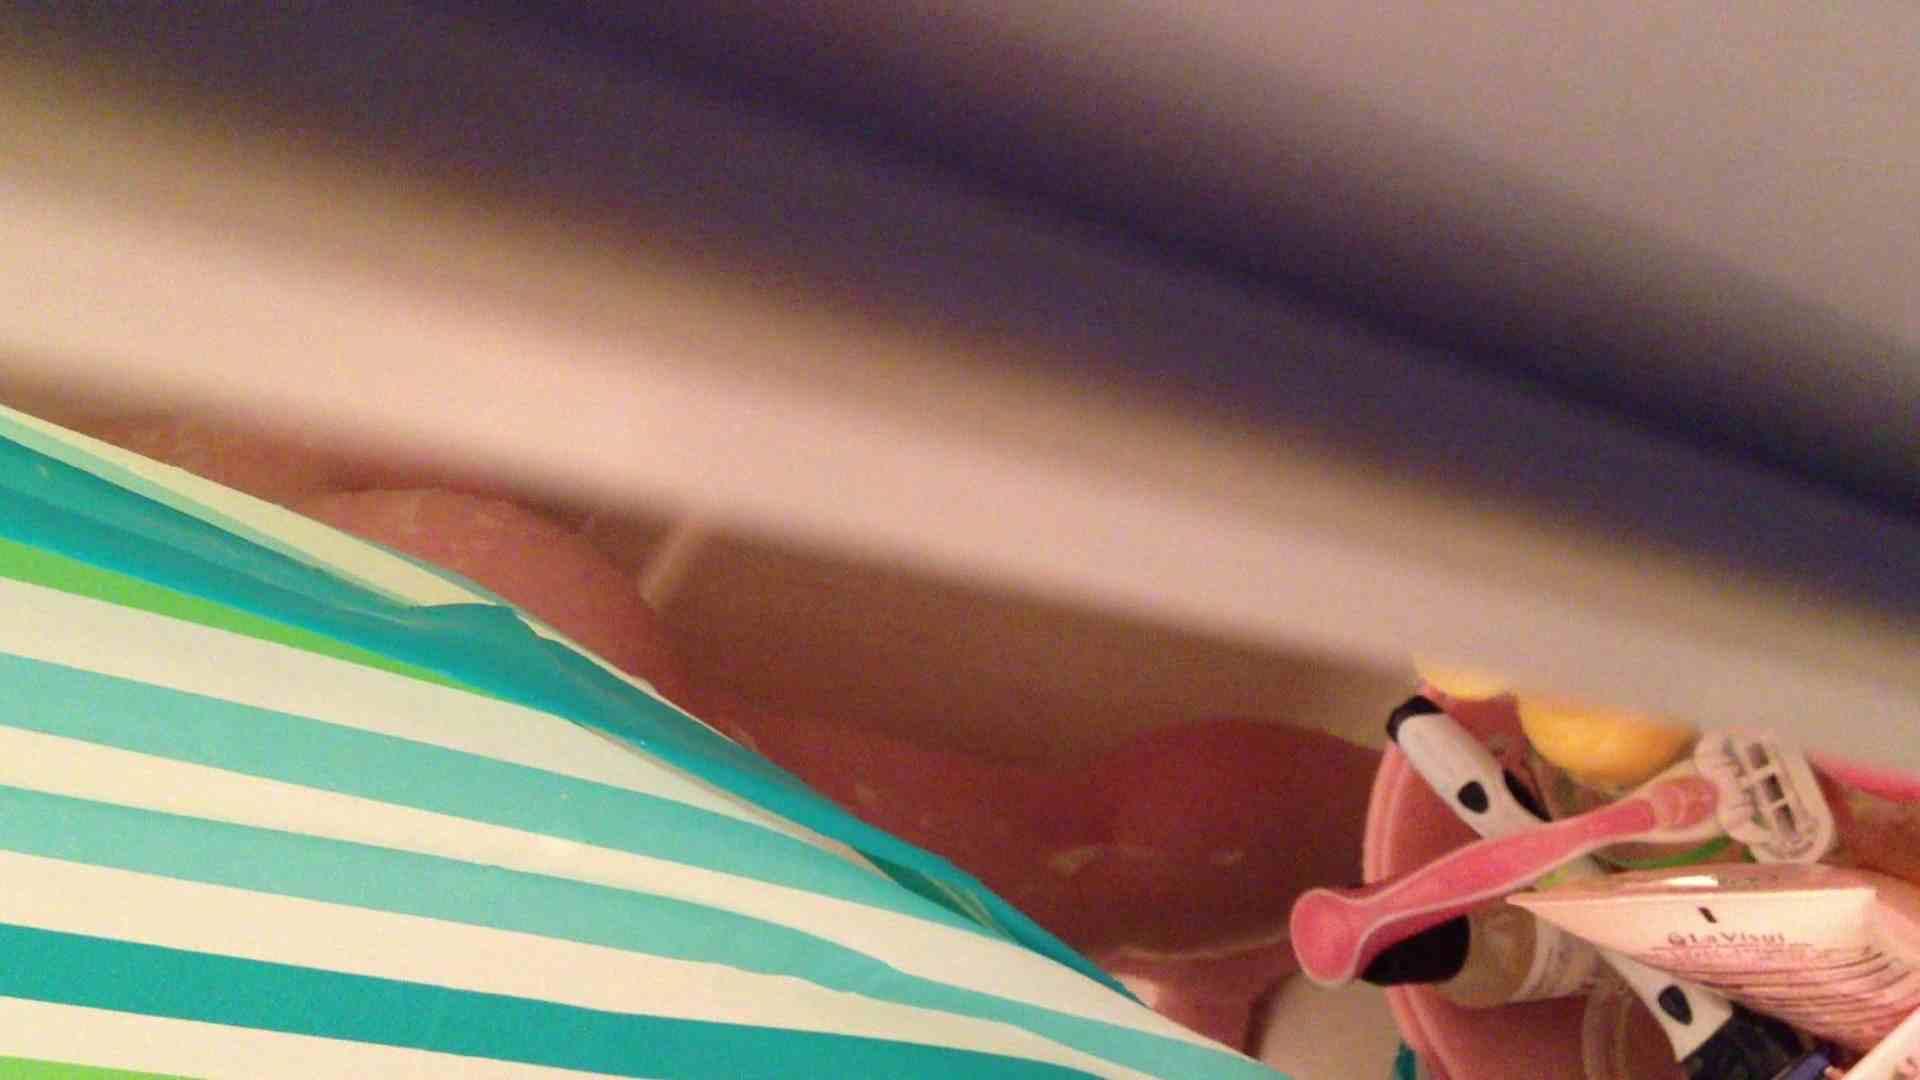 16(16日目)シャワー中にムダ毛処理をする彼女 パイパン  54枚 18